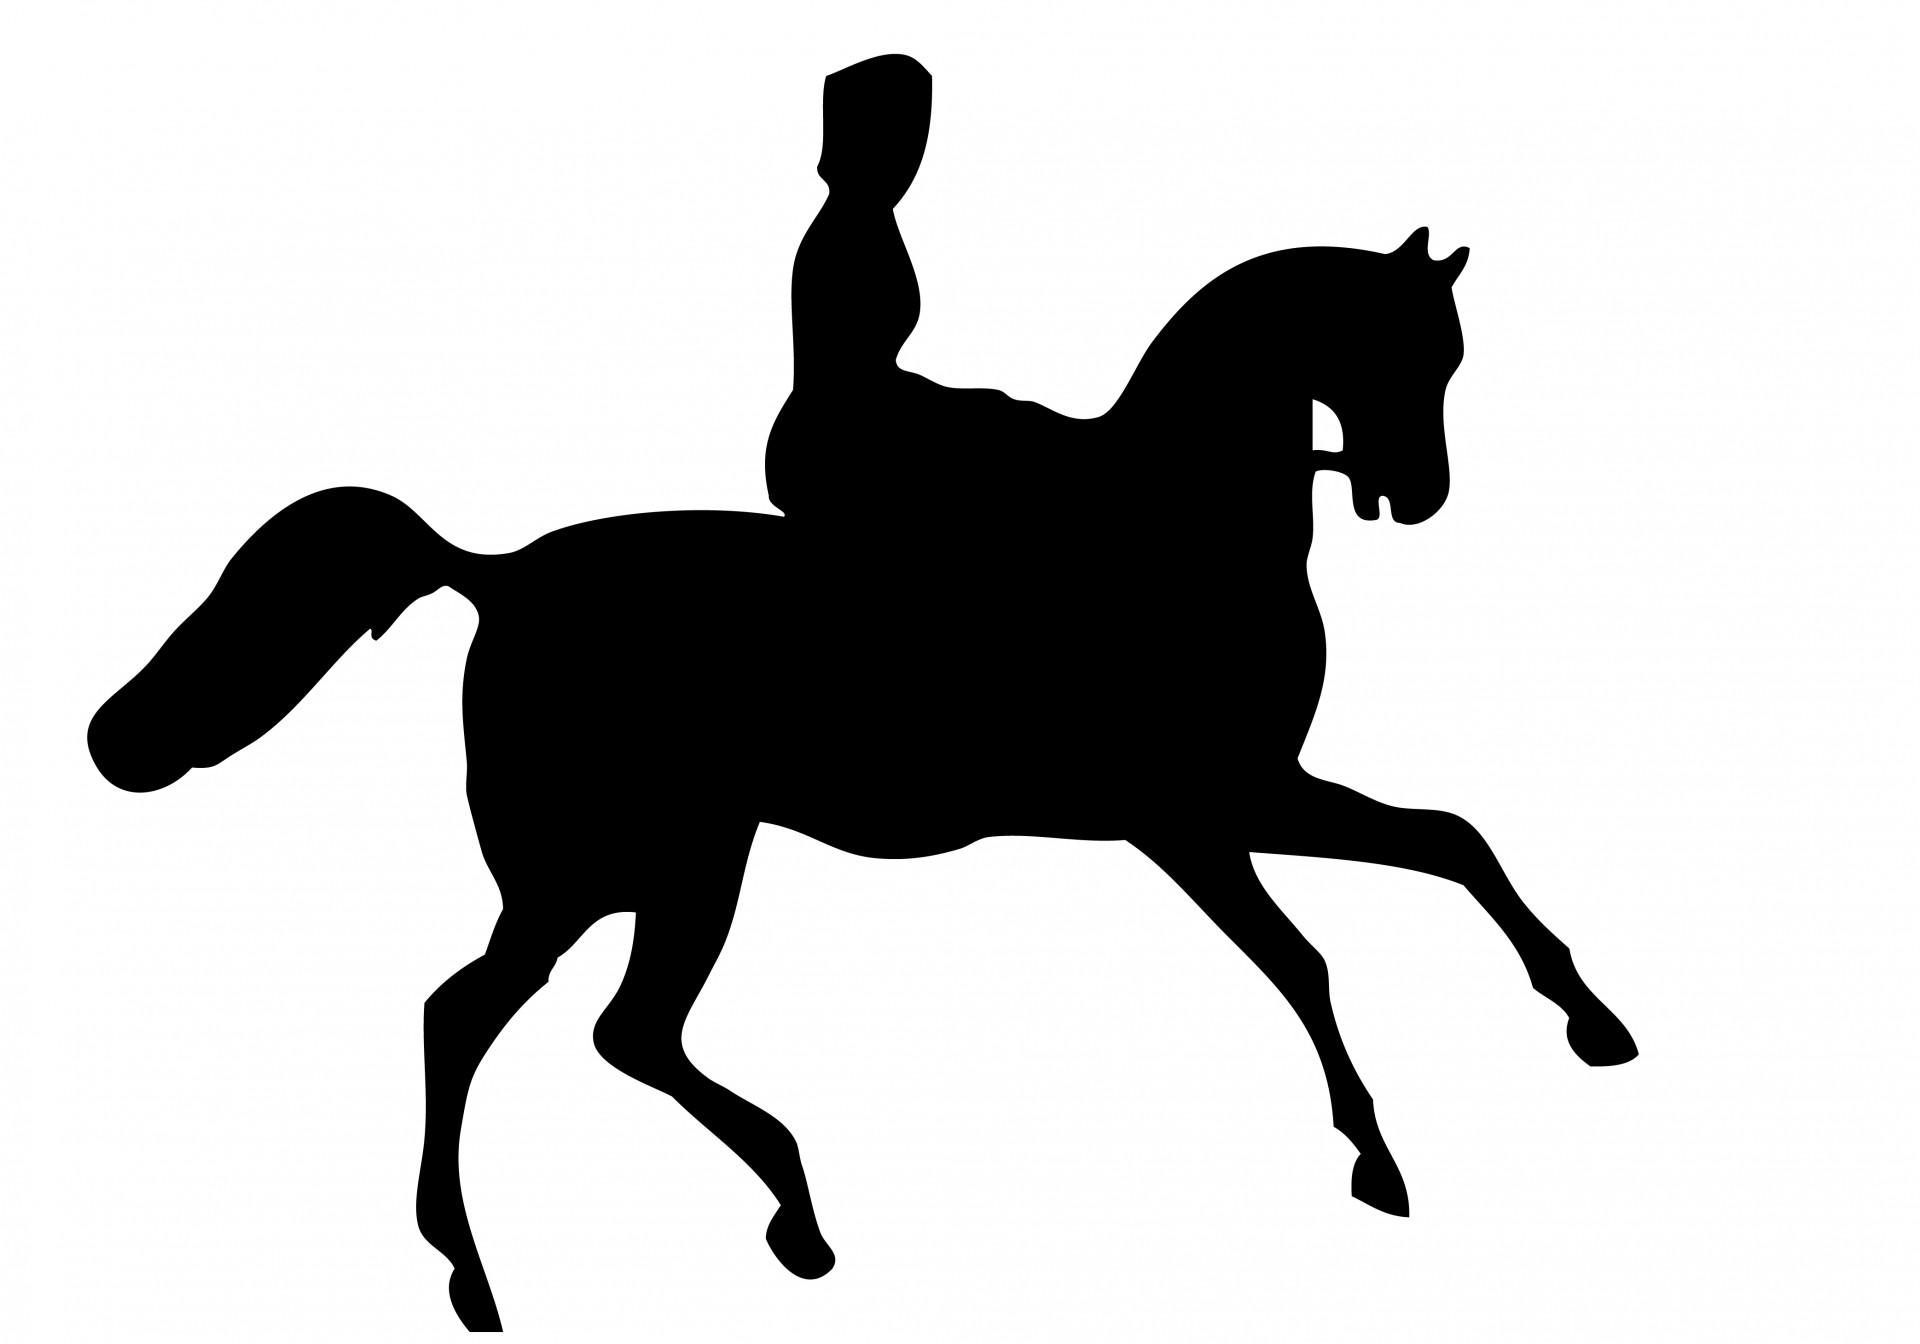 Horse Riding clipart saddle 1 Saddle Saddle Pictures Style